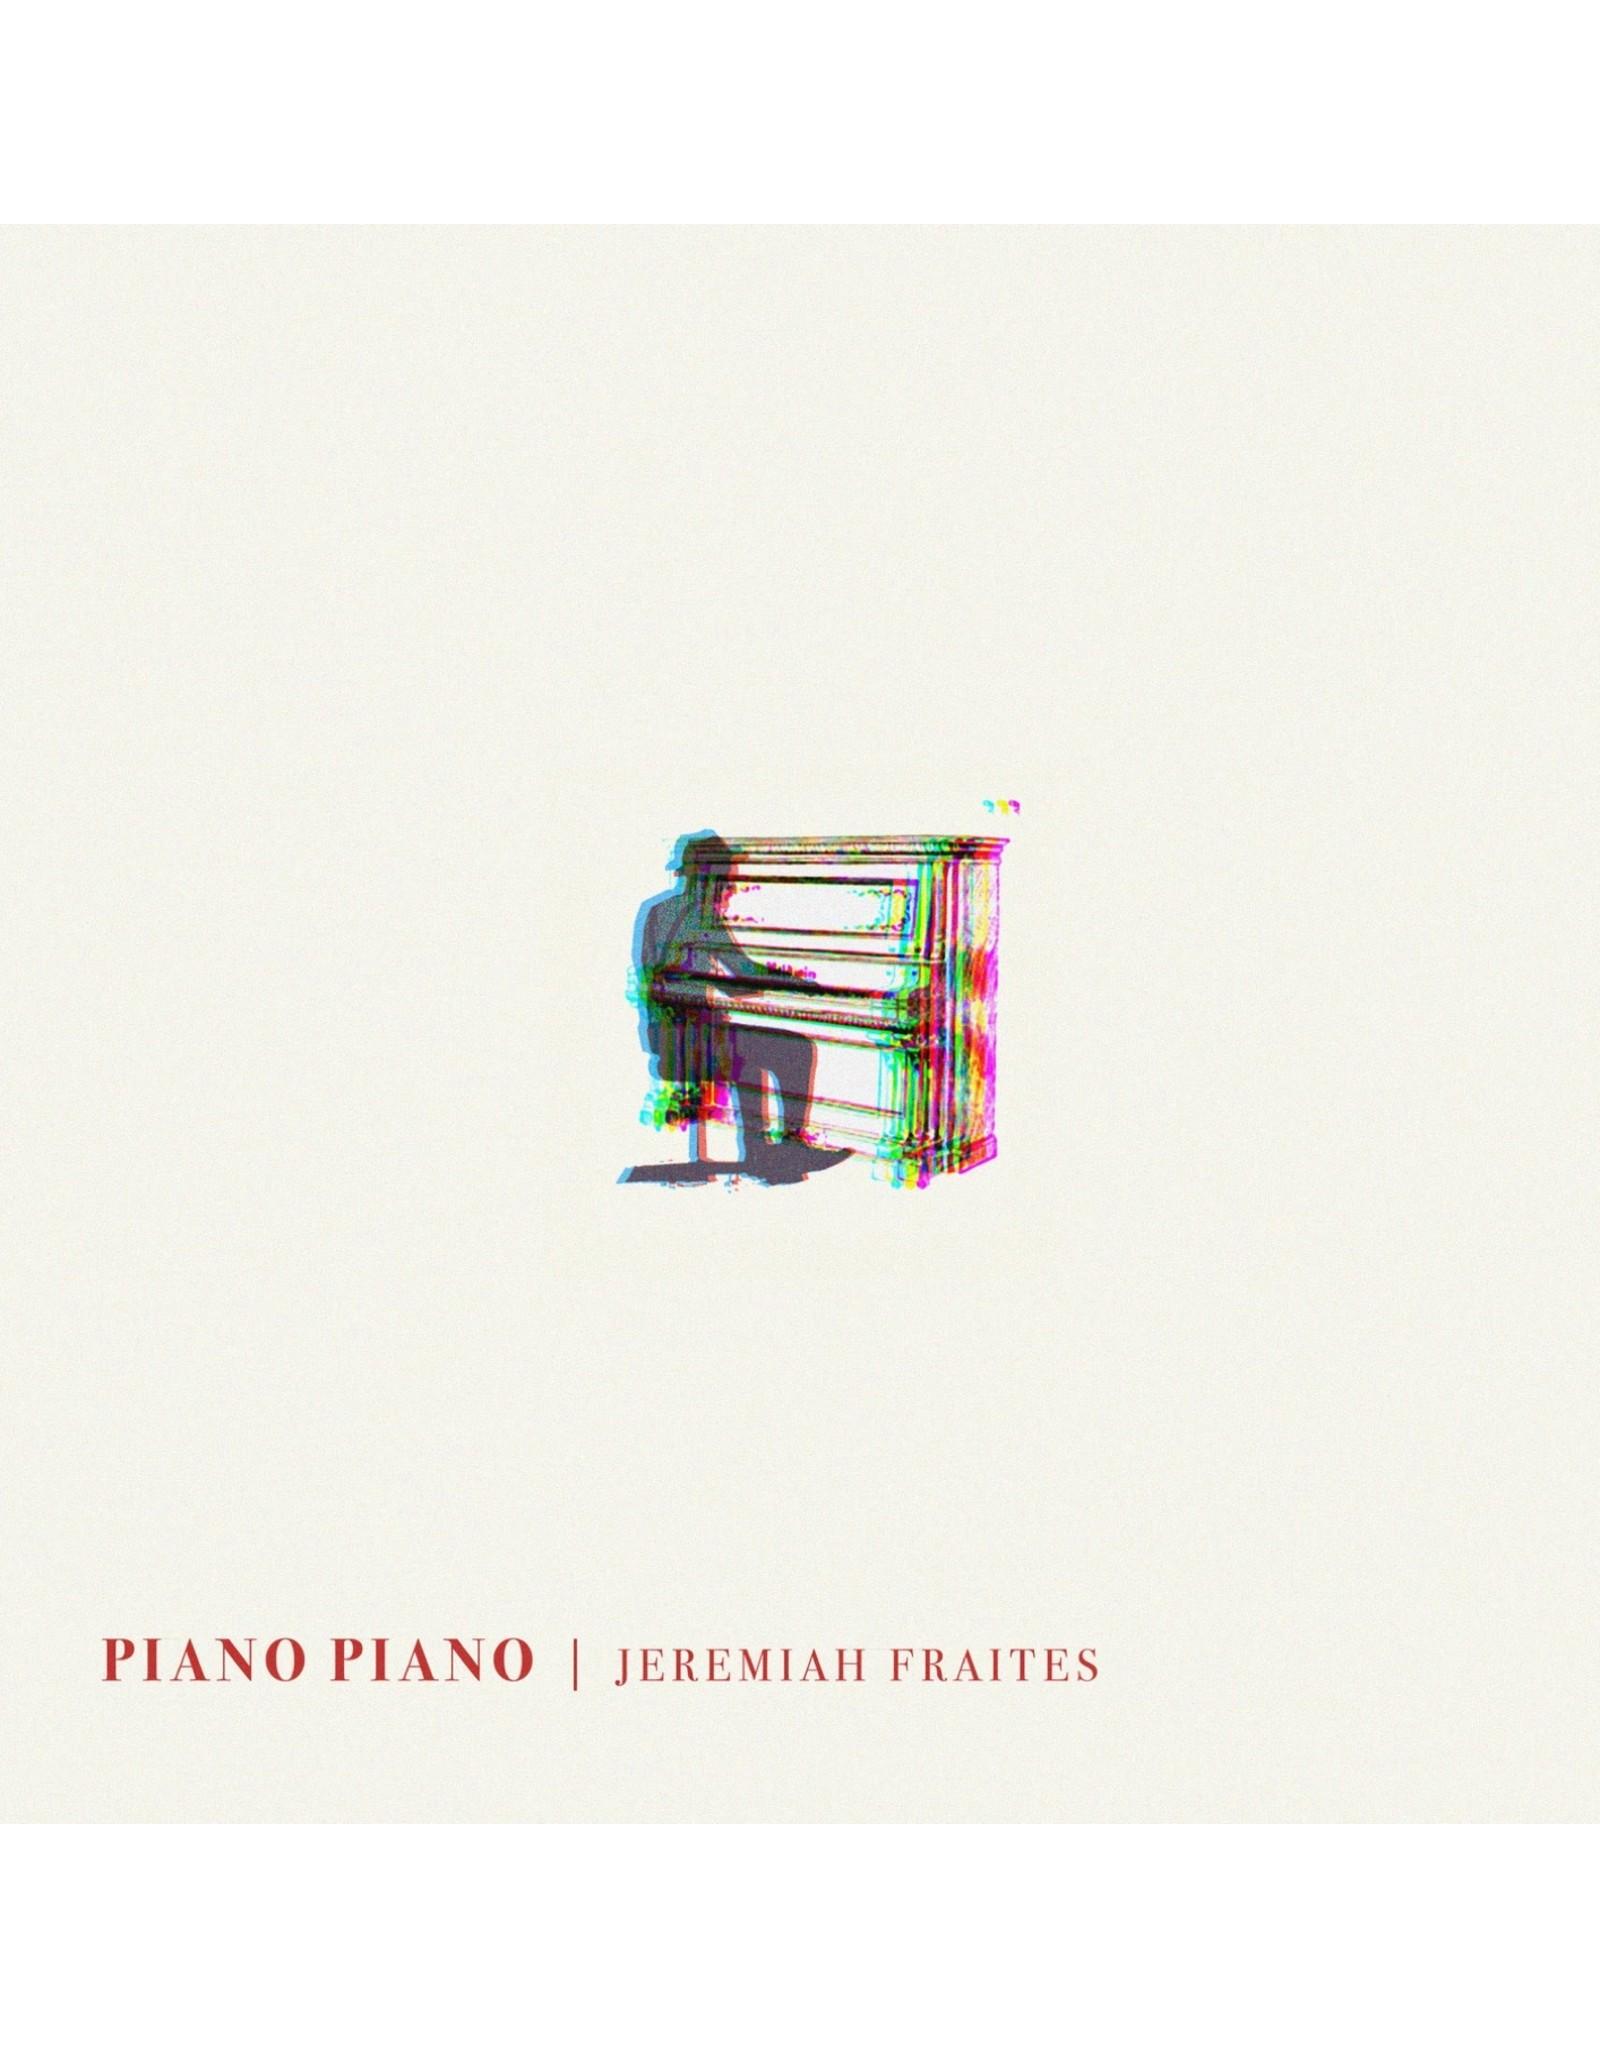 Jeremiah Fraites - Piano Piano